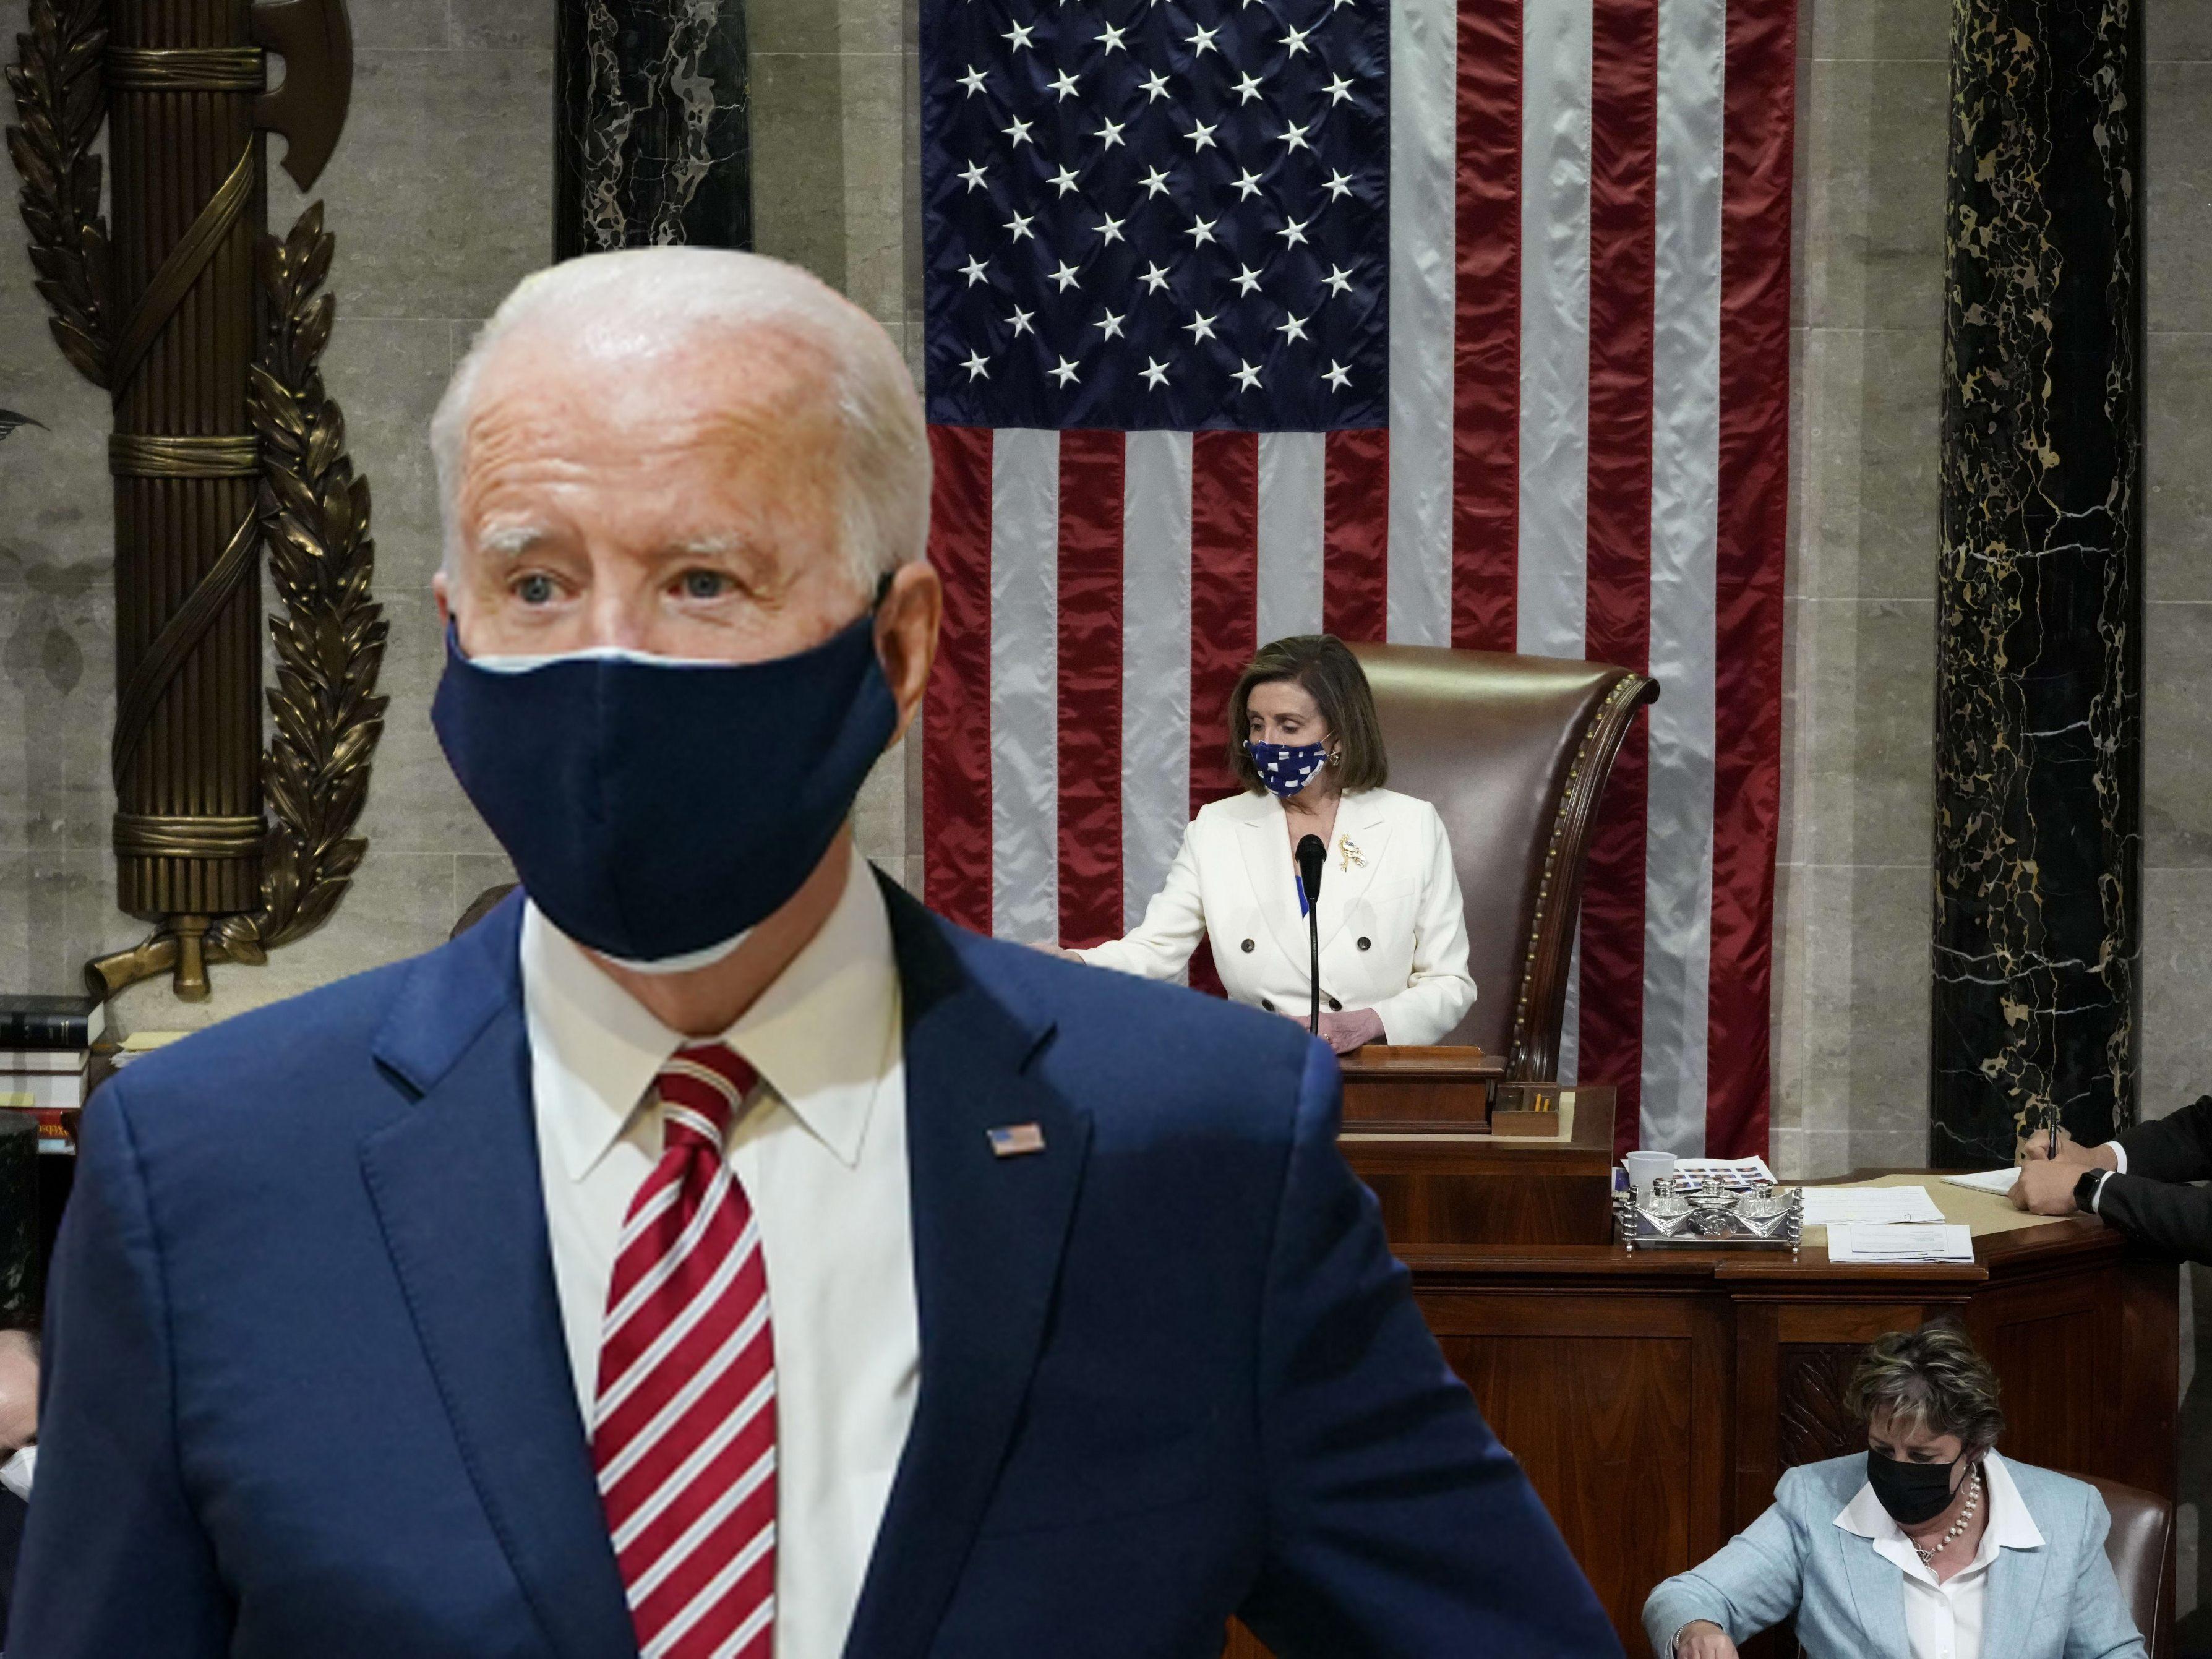 Sieg für Biden: US-Kongress verabschiedet billionenschweres Corona-Hilfspaket